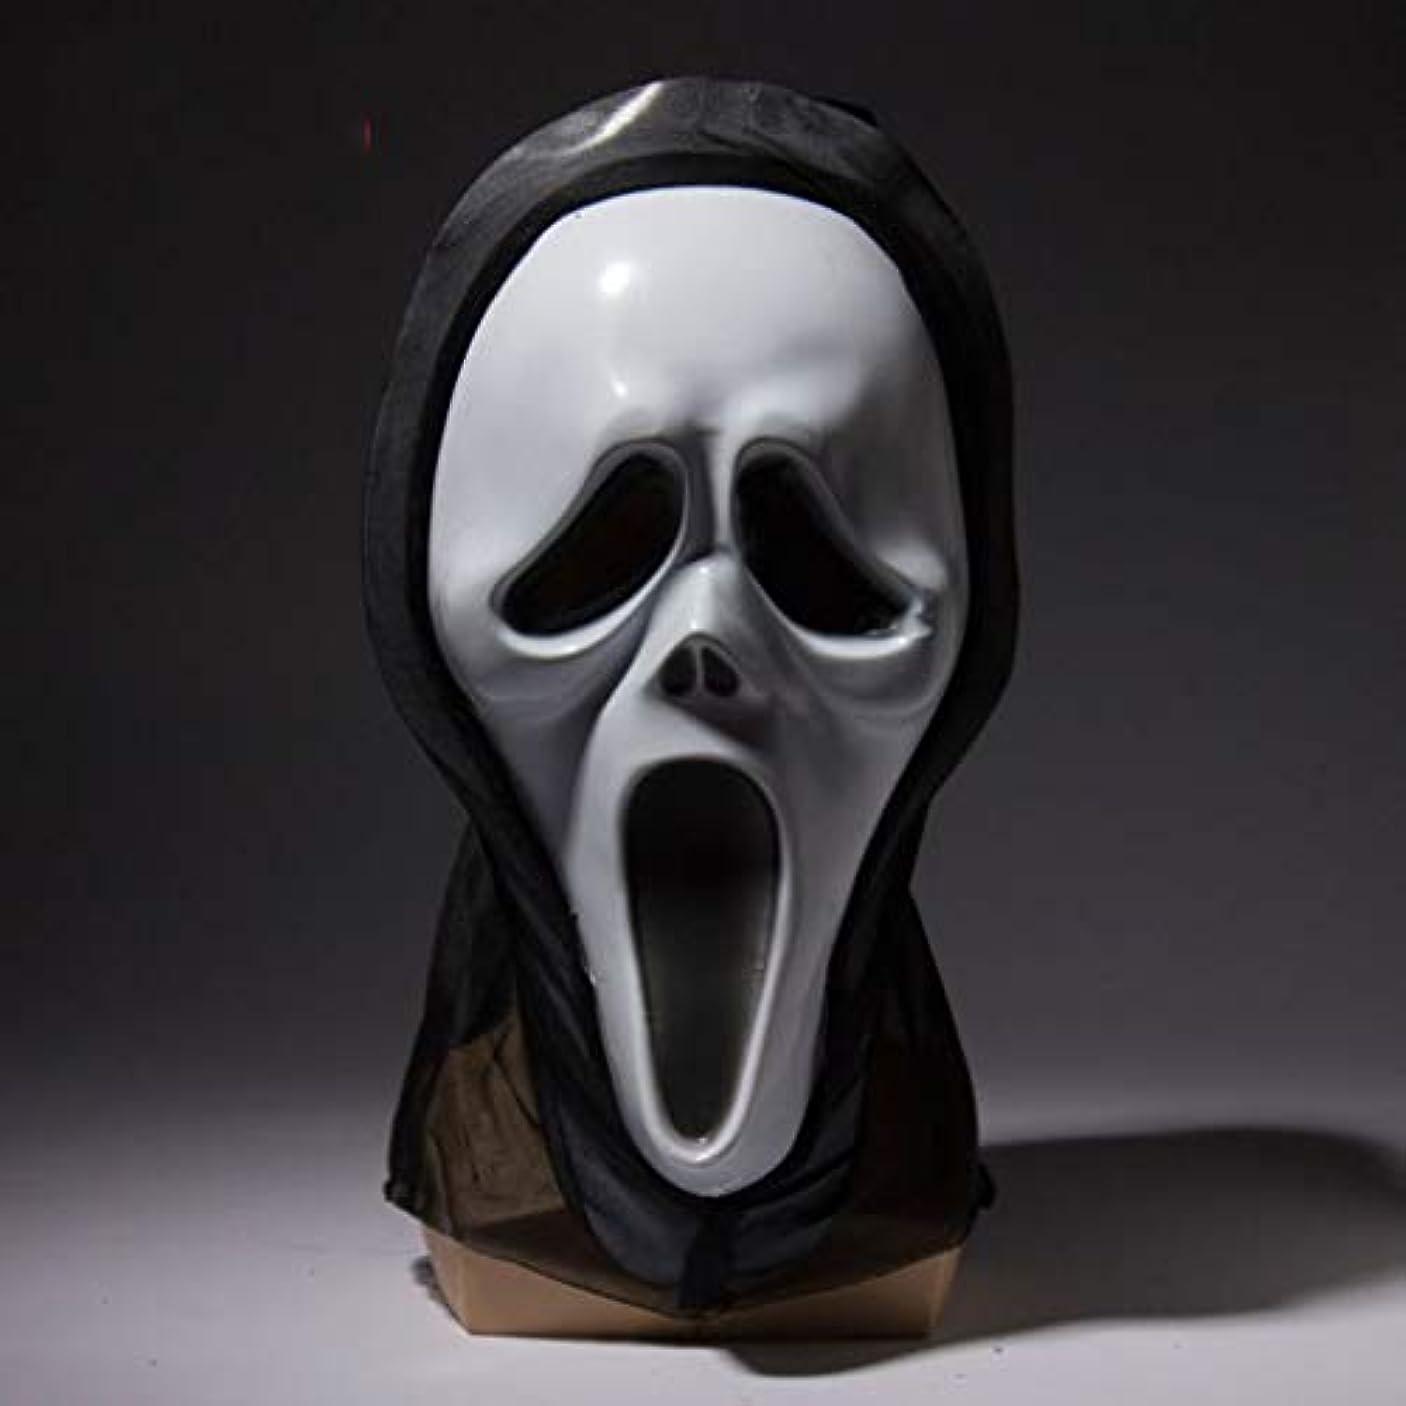 苦情文句くつろぐ出くわすハロウィーン悲鳴悪魔ホラーマスクしかめっ面怖いゾンビヘッドギア大人ゴーストフェスティバルボールマスク